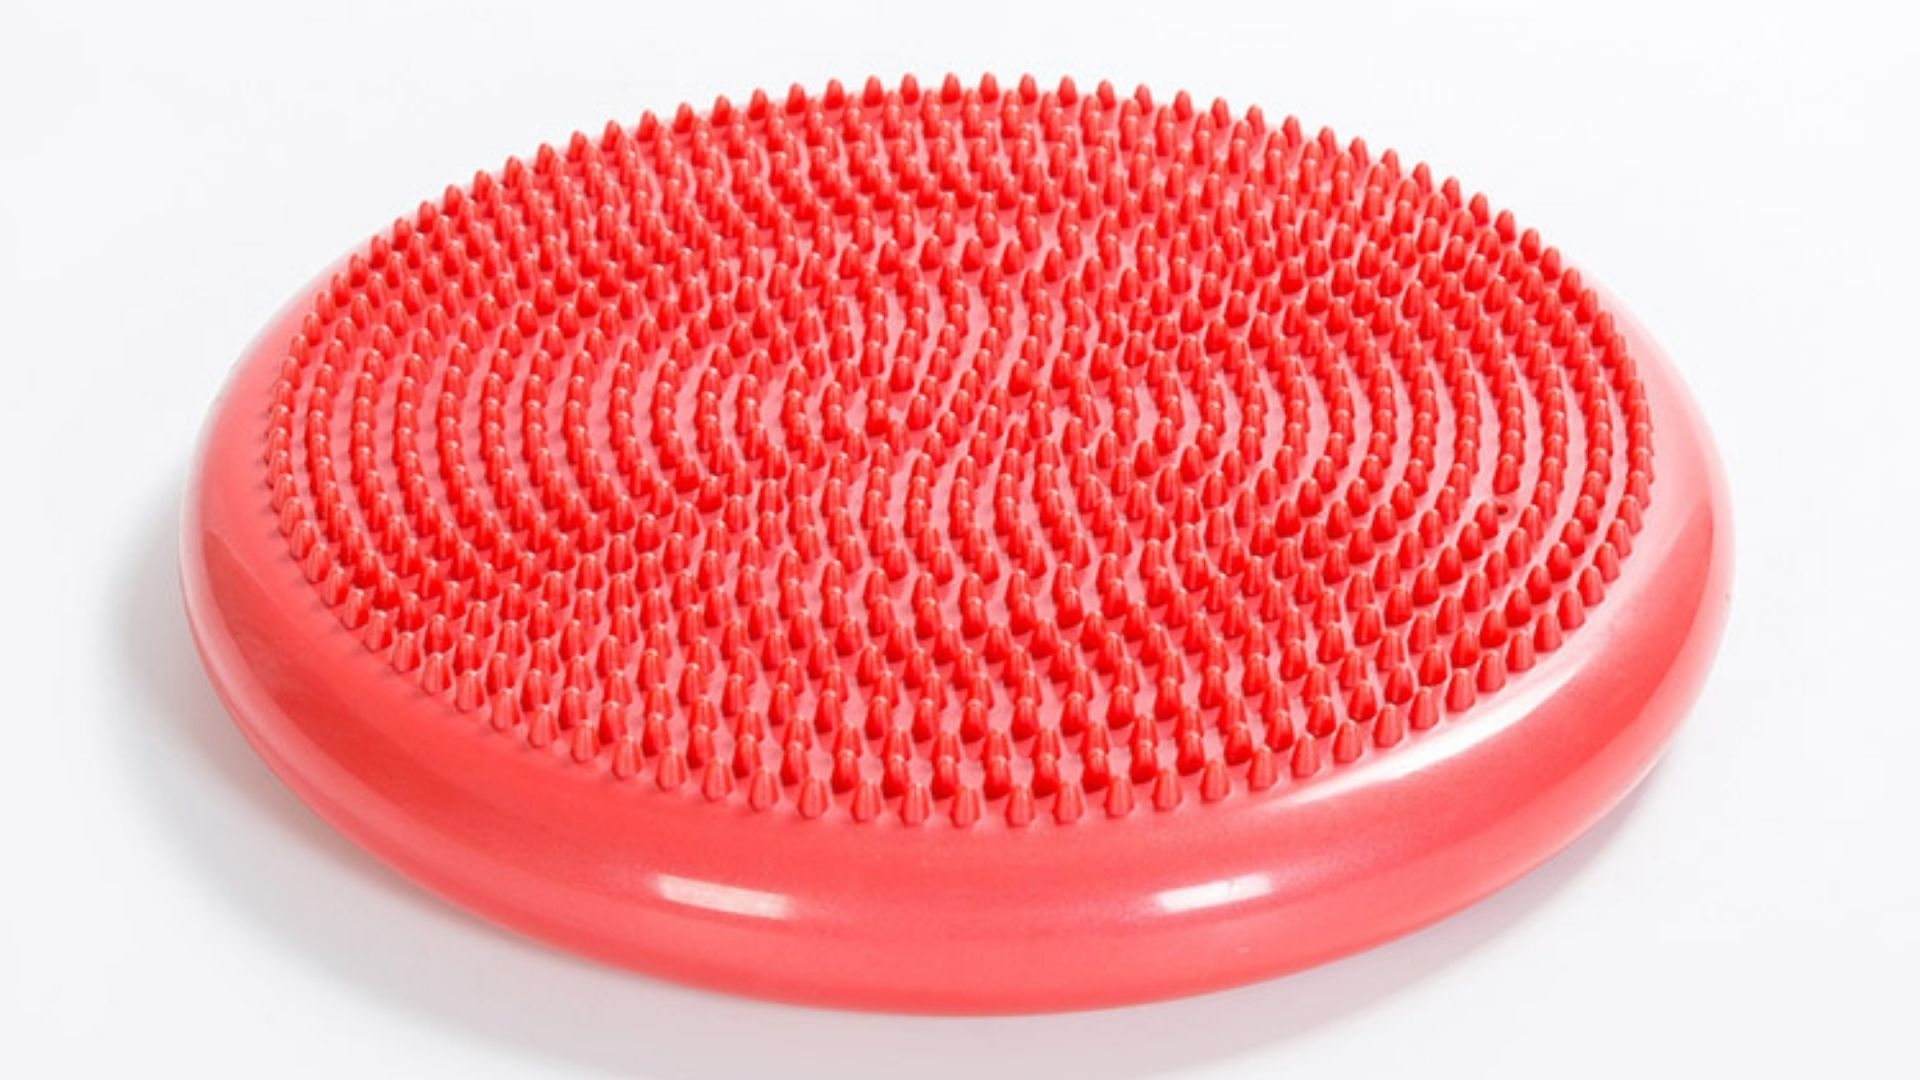 red wobble cushion